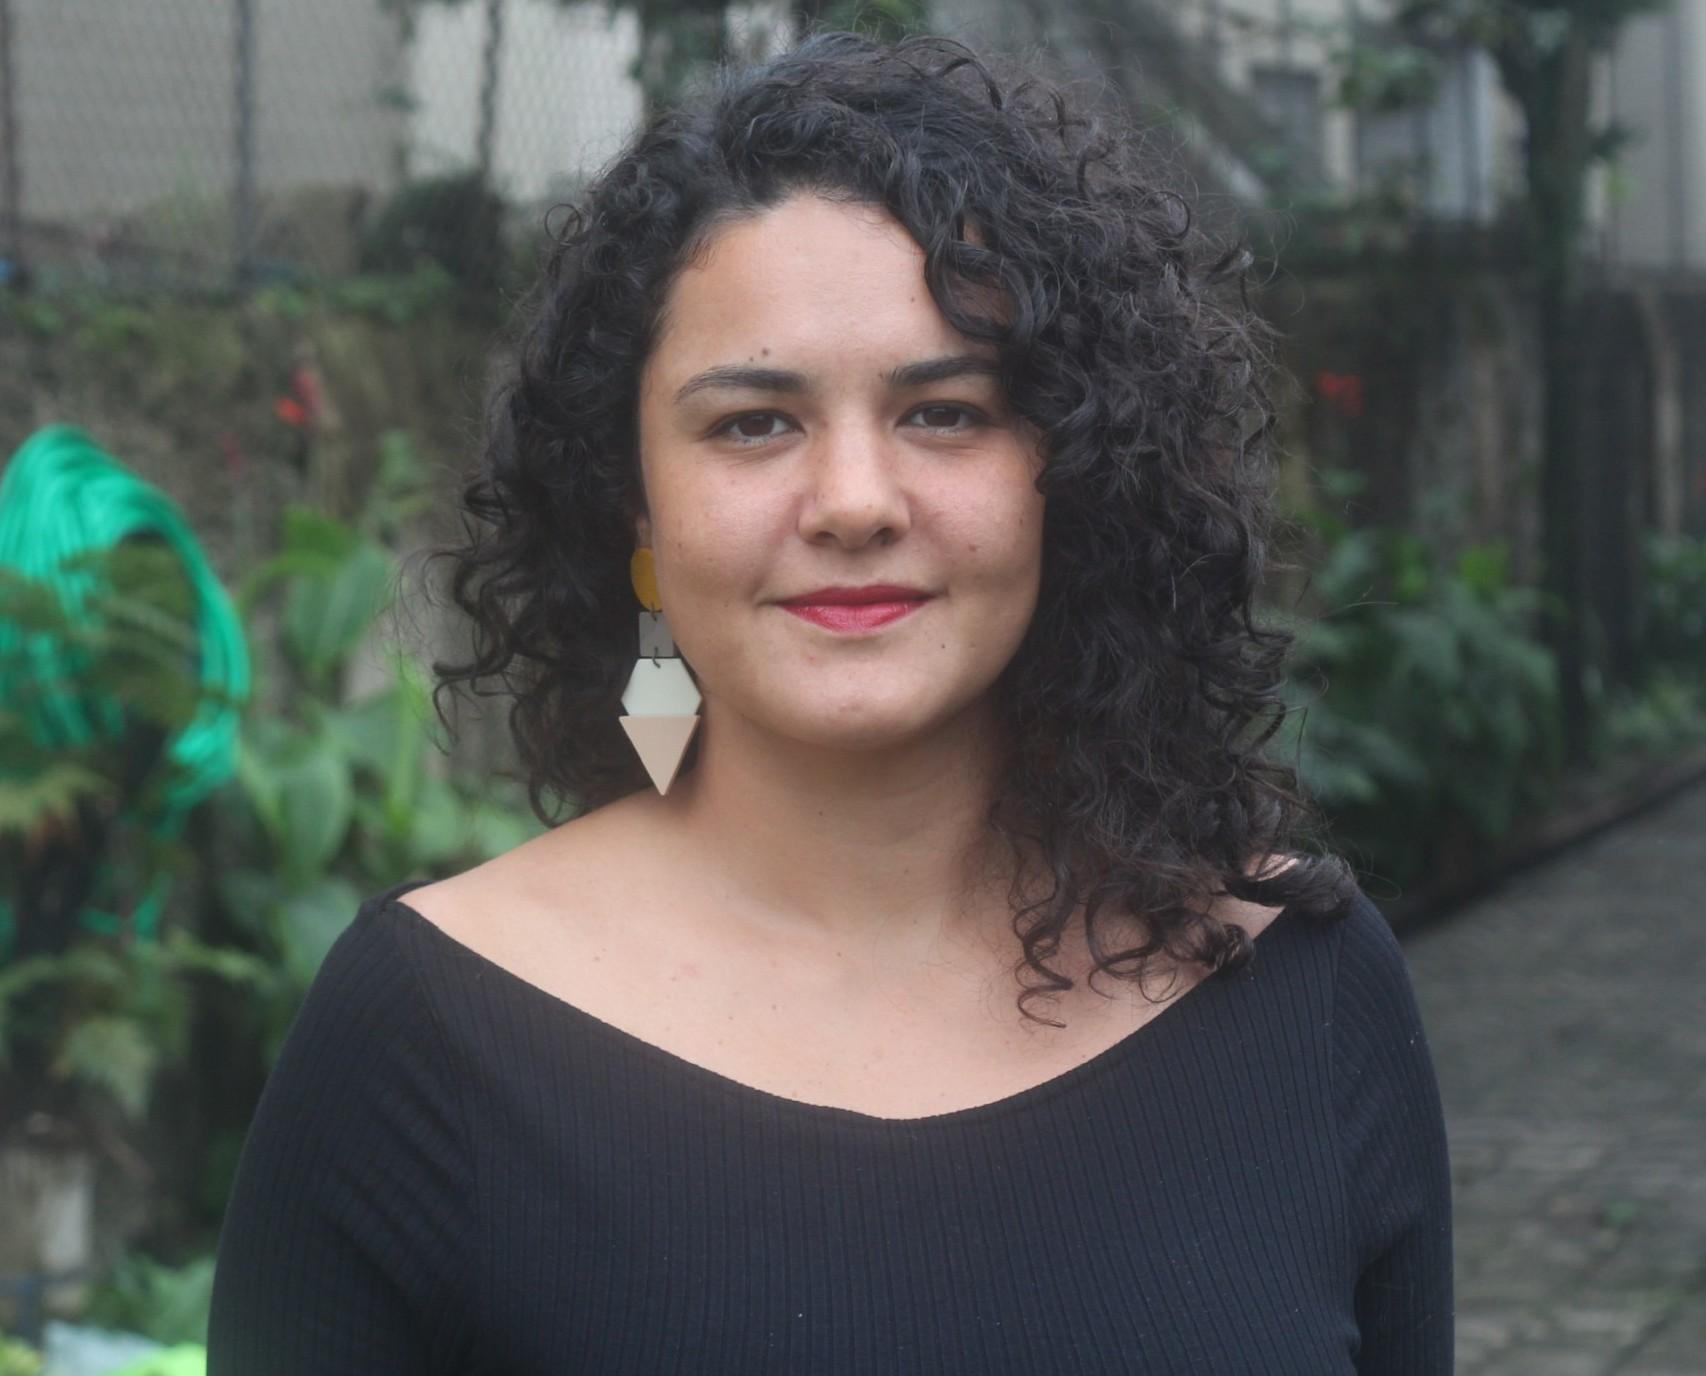 Caption: Georgia Nicolau, Co-founder, Procomum Institute, Credit: Georgia Nicolau